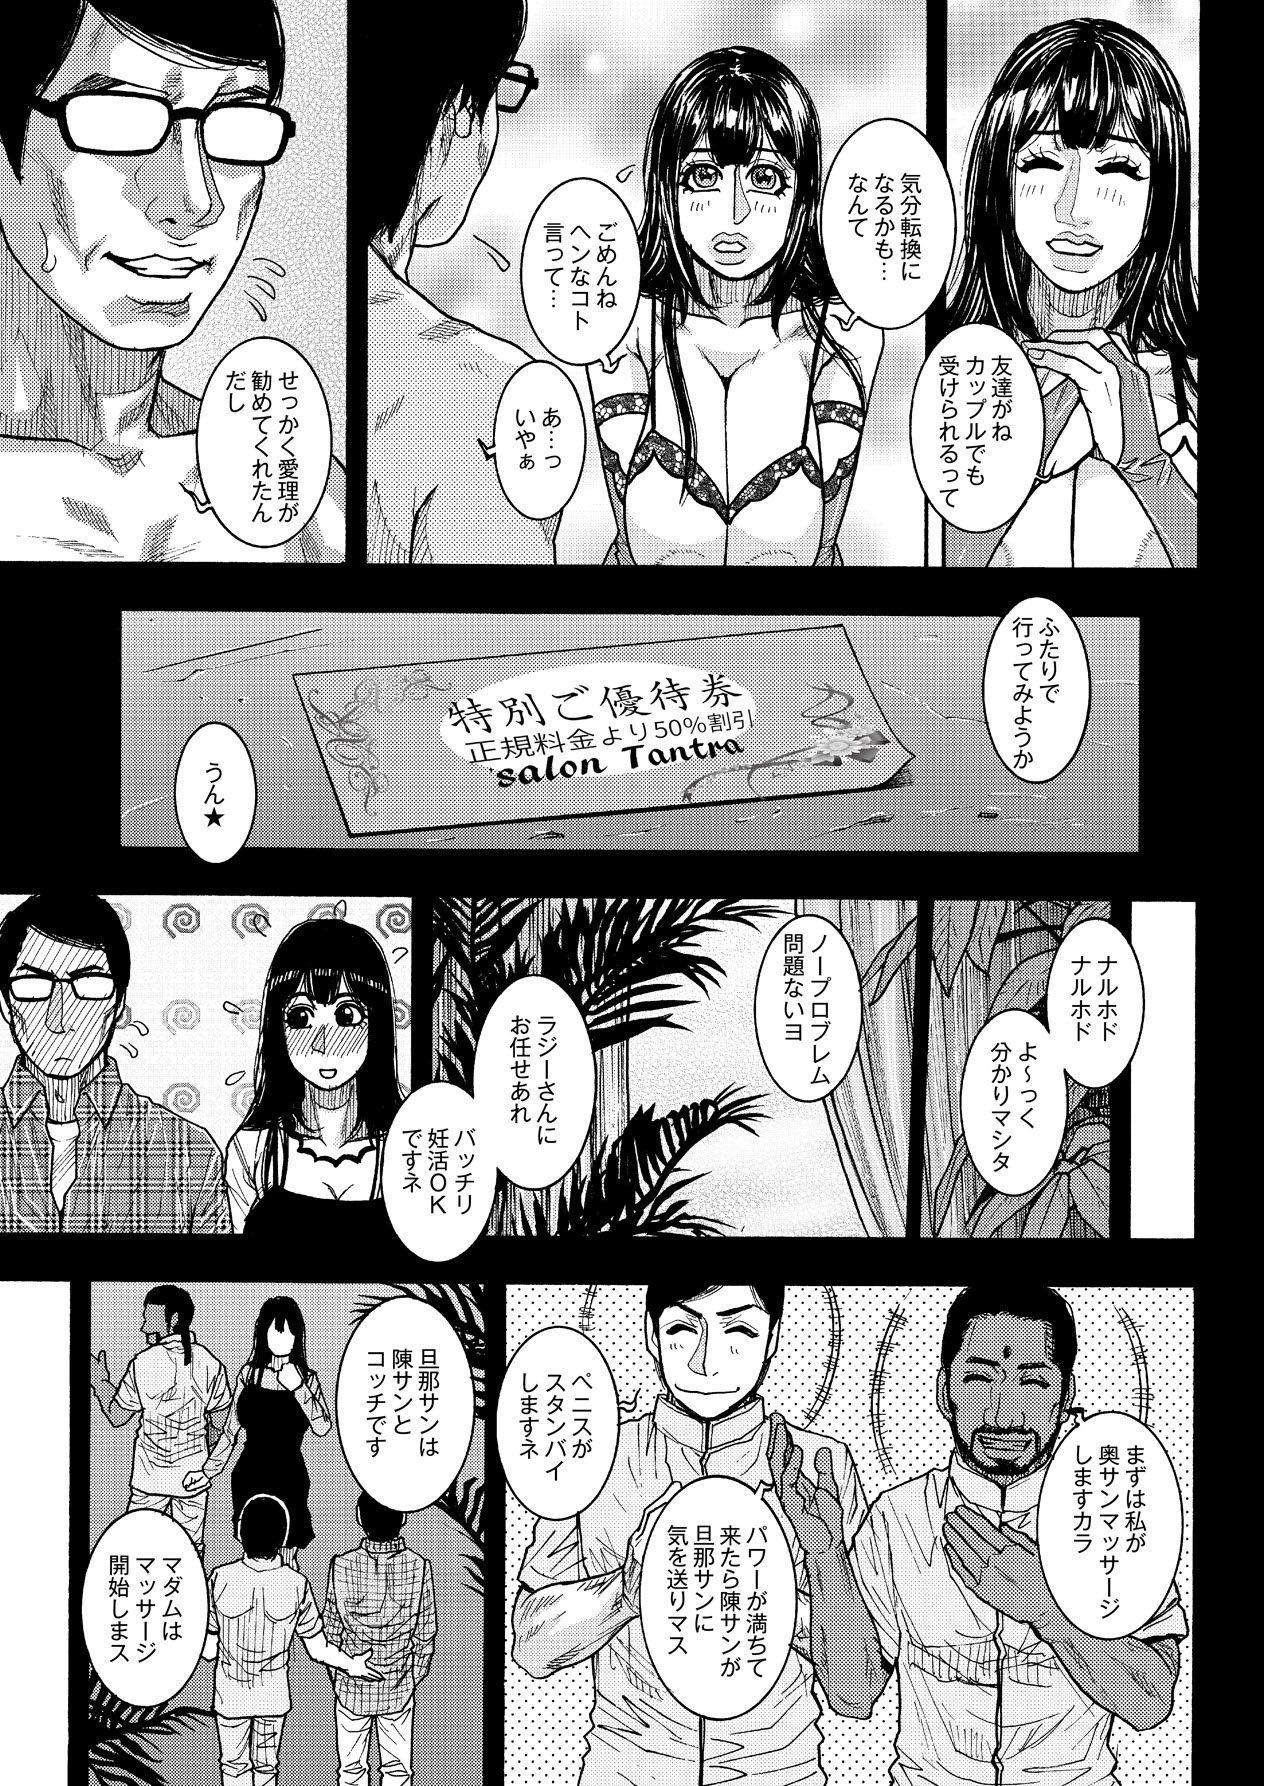 Kaikan Jukujo Massage 1-3 44